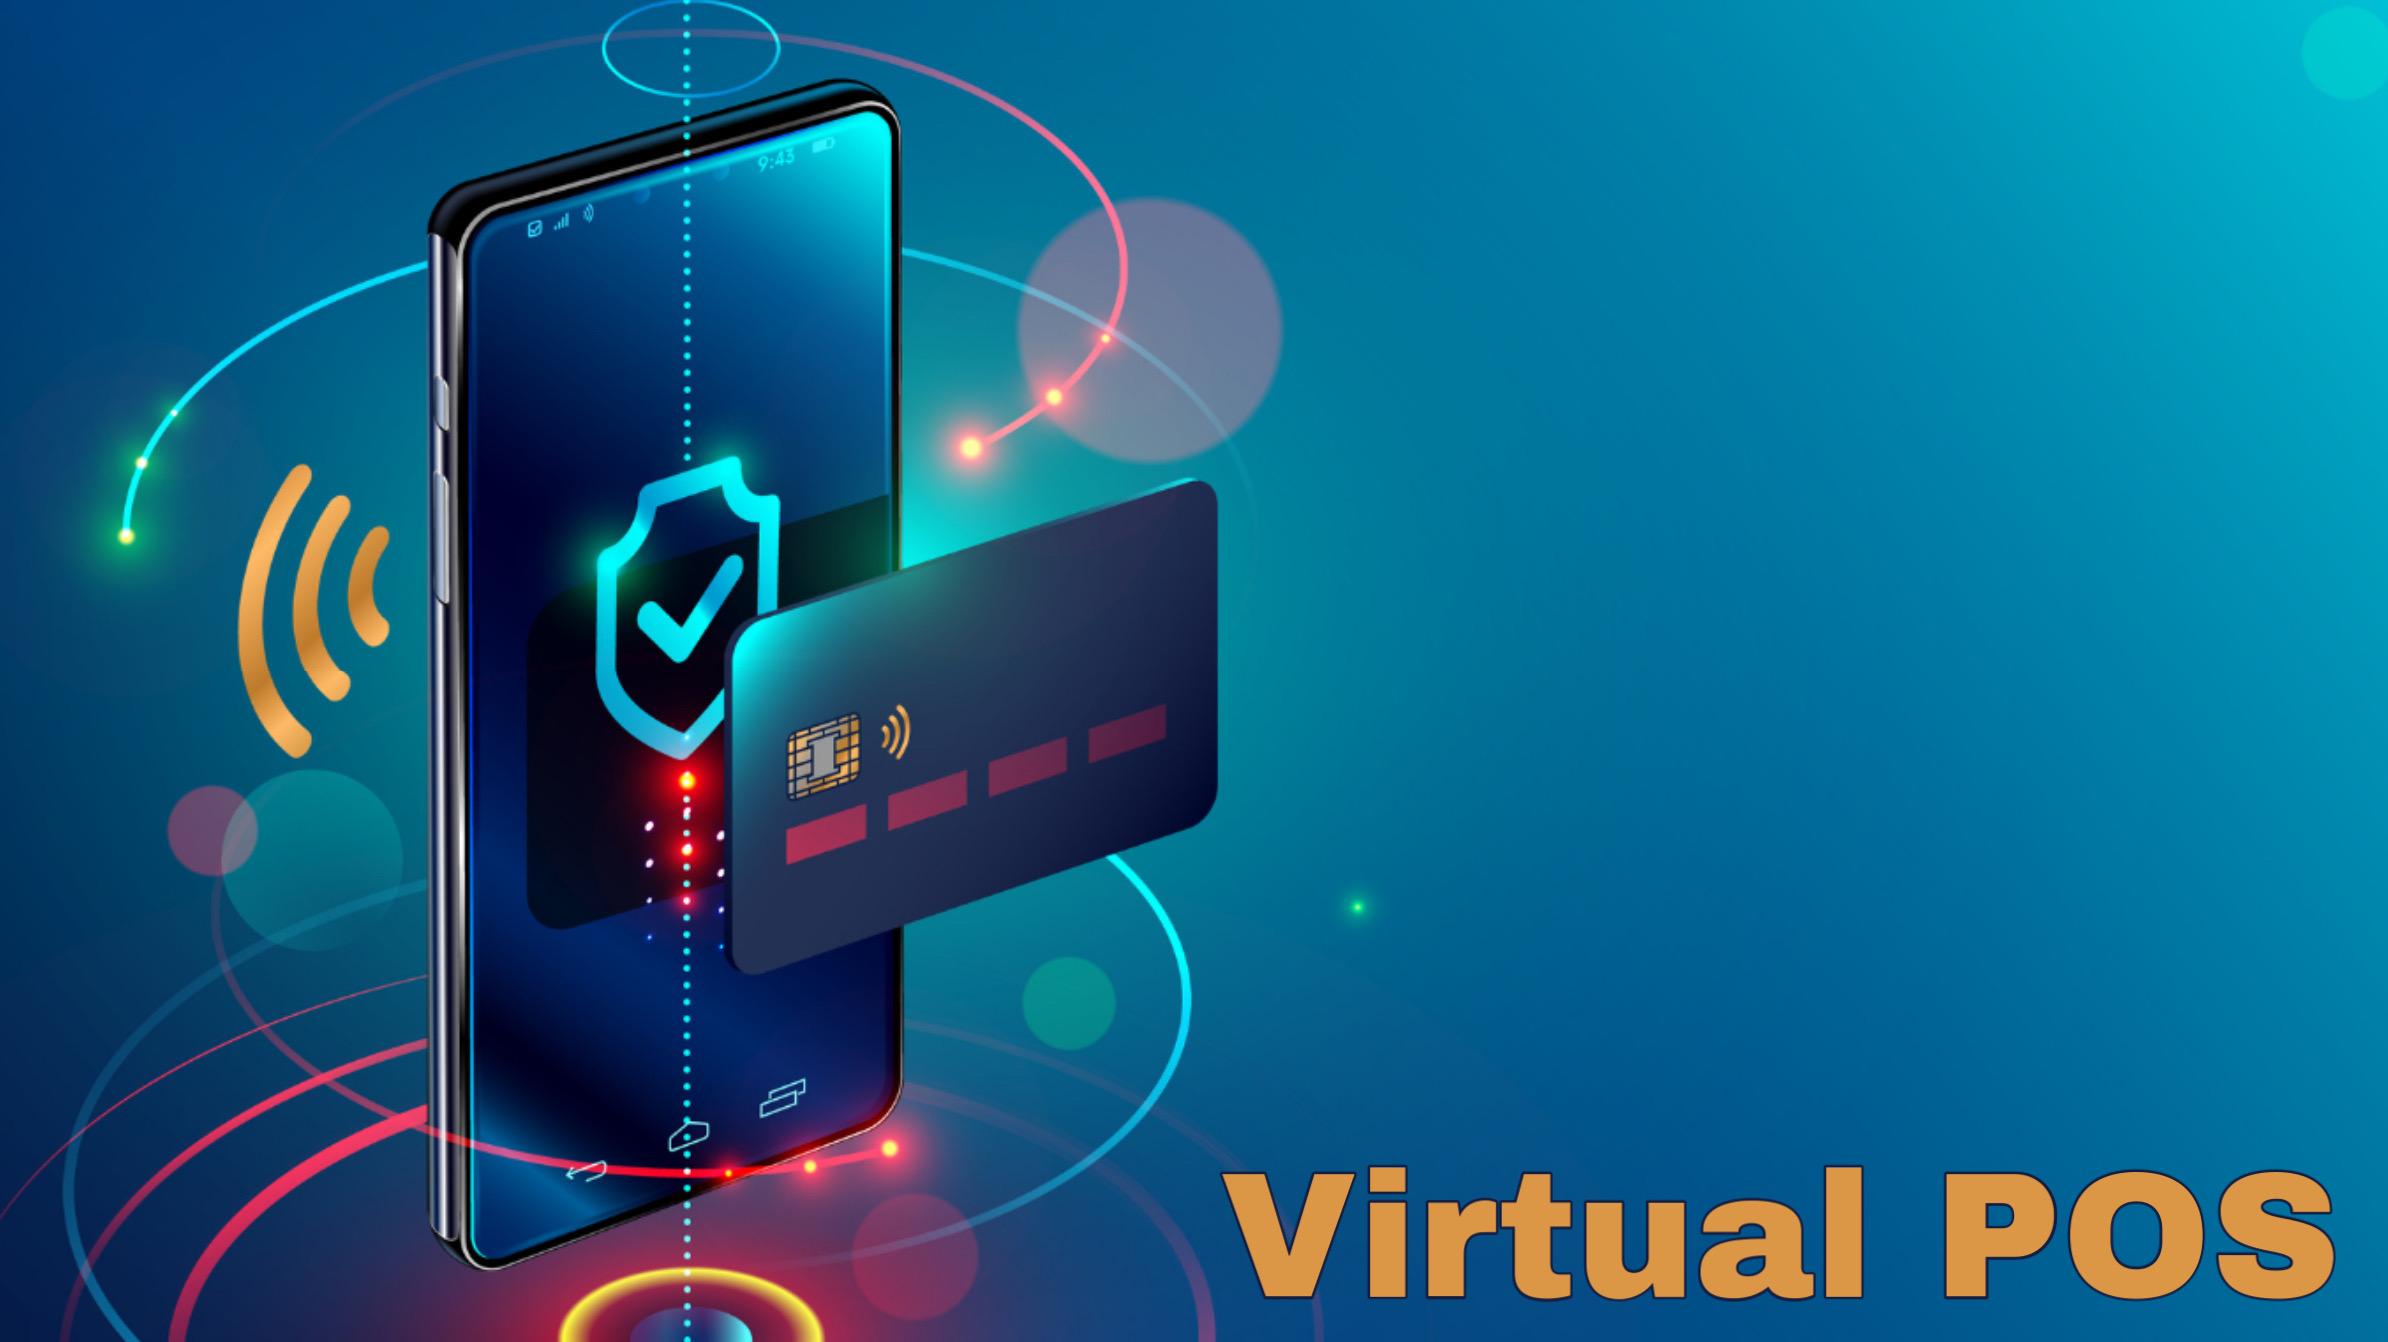 Virtual POS